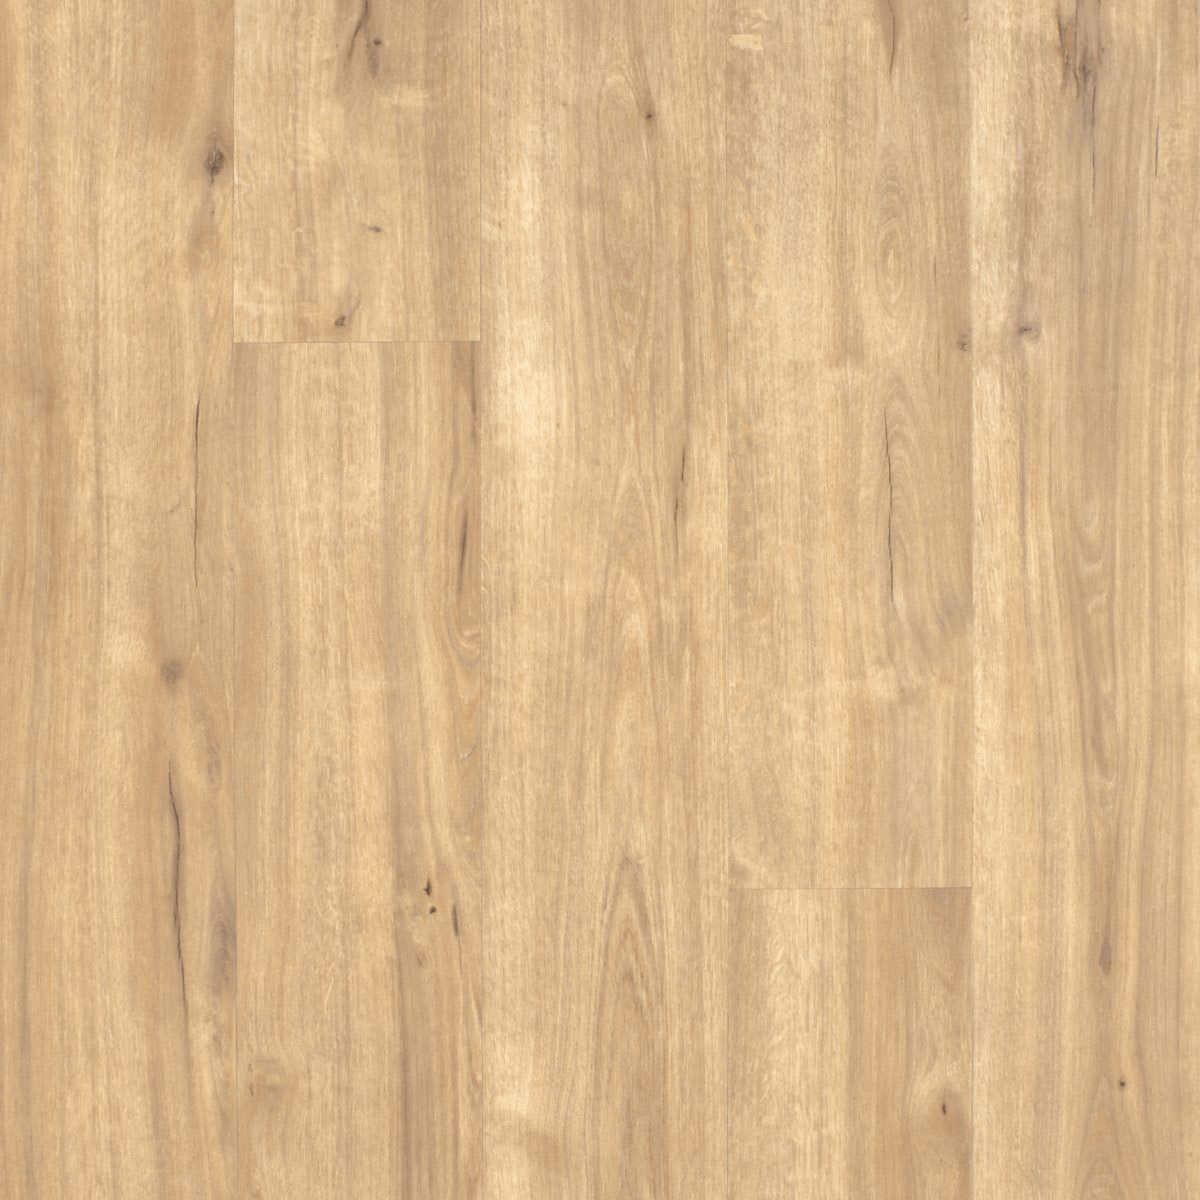 Pin By Kerbey Jacobs On Walnut Flooring In 2020 Vinyl Plank Vinyl Plank Flooring Luxury Vinyl Plank Flooring